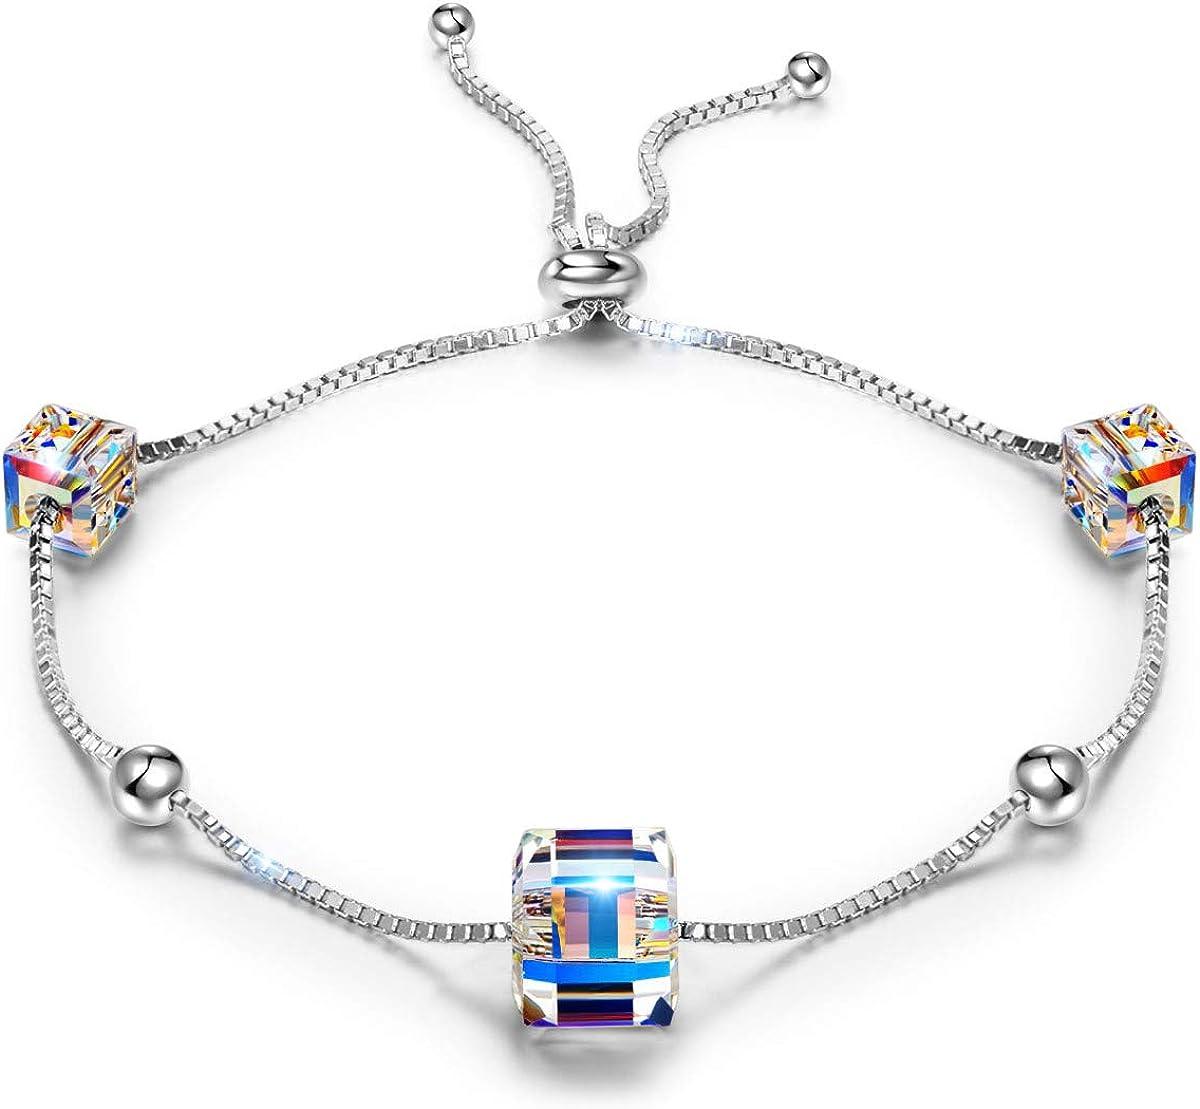 ANGEL NINA Joyería para Ella, Mujer Vida Colorida Pulsera para Mujer Plata 925 Con Cristales de Swarovski Cubic Colorido, Pulsera Hipoalergénicos, Elegante Caja de Joyas